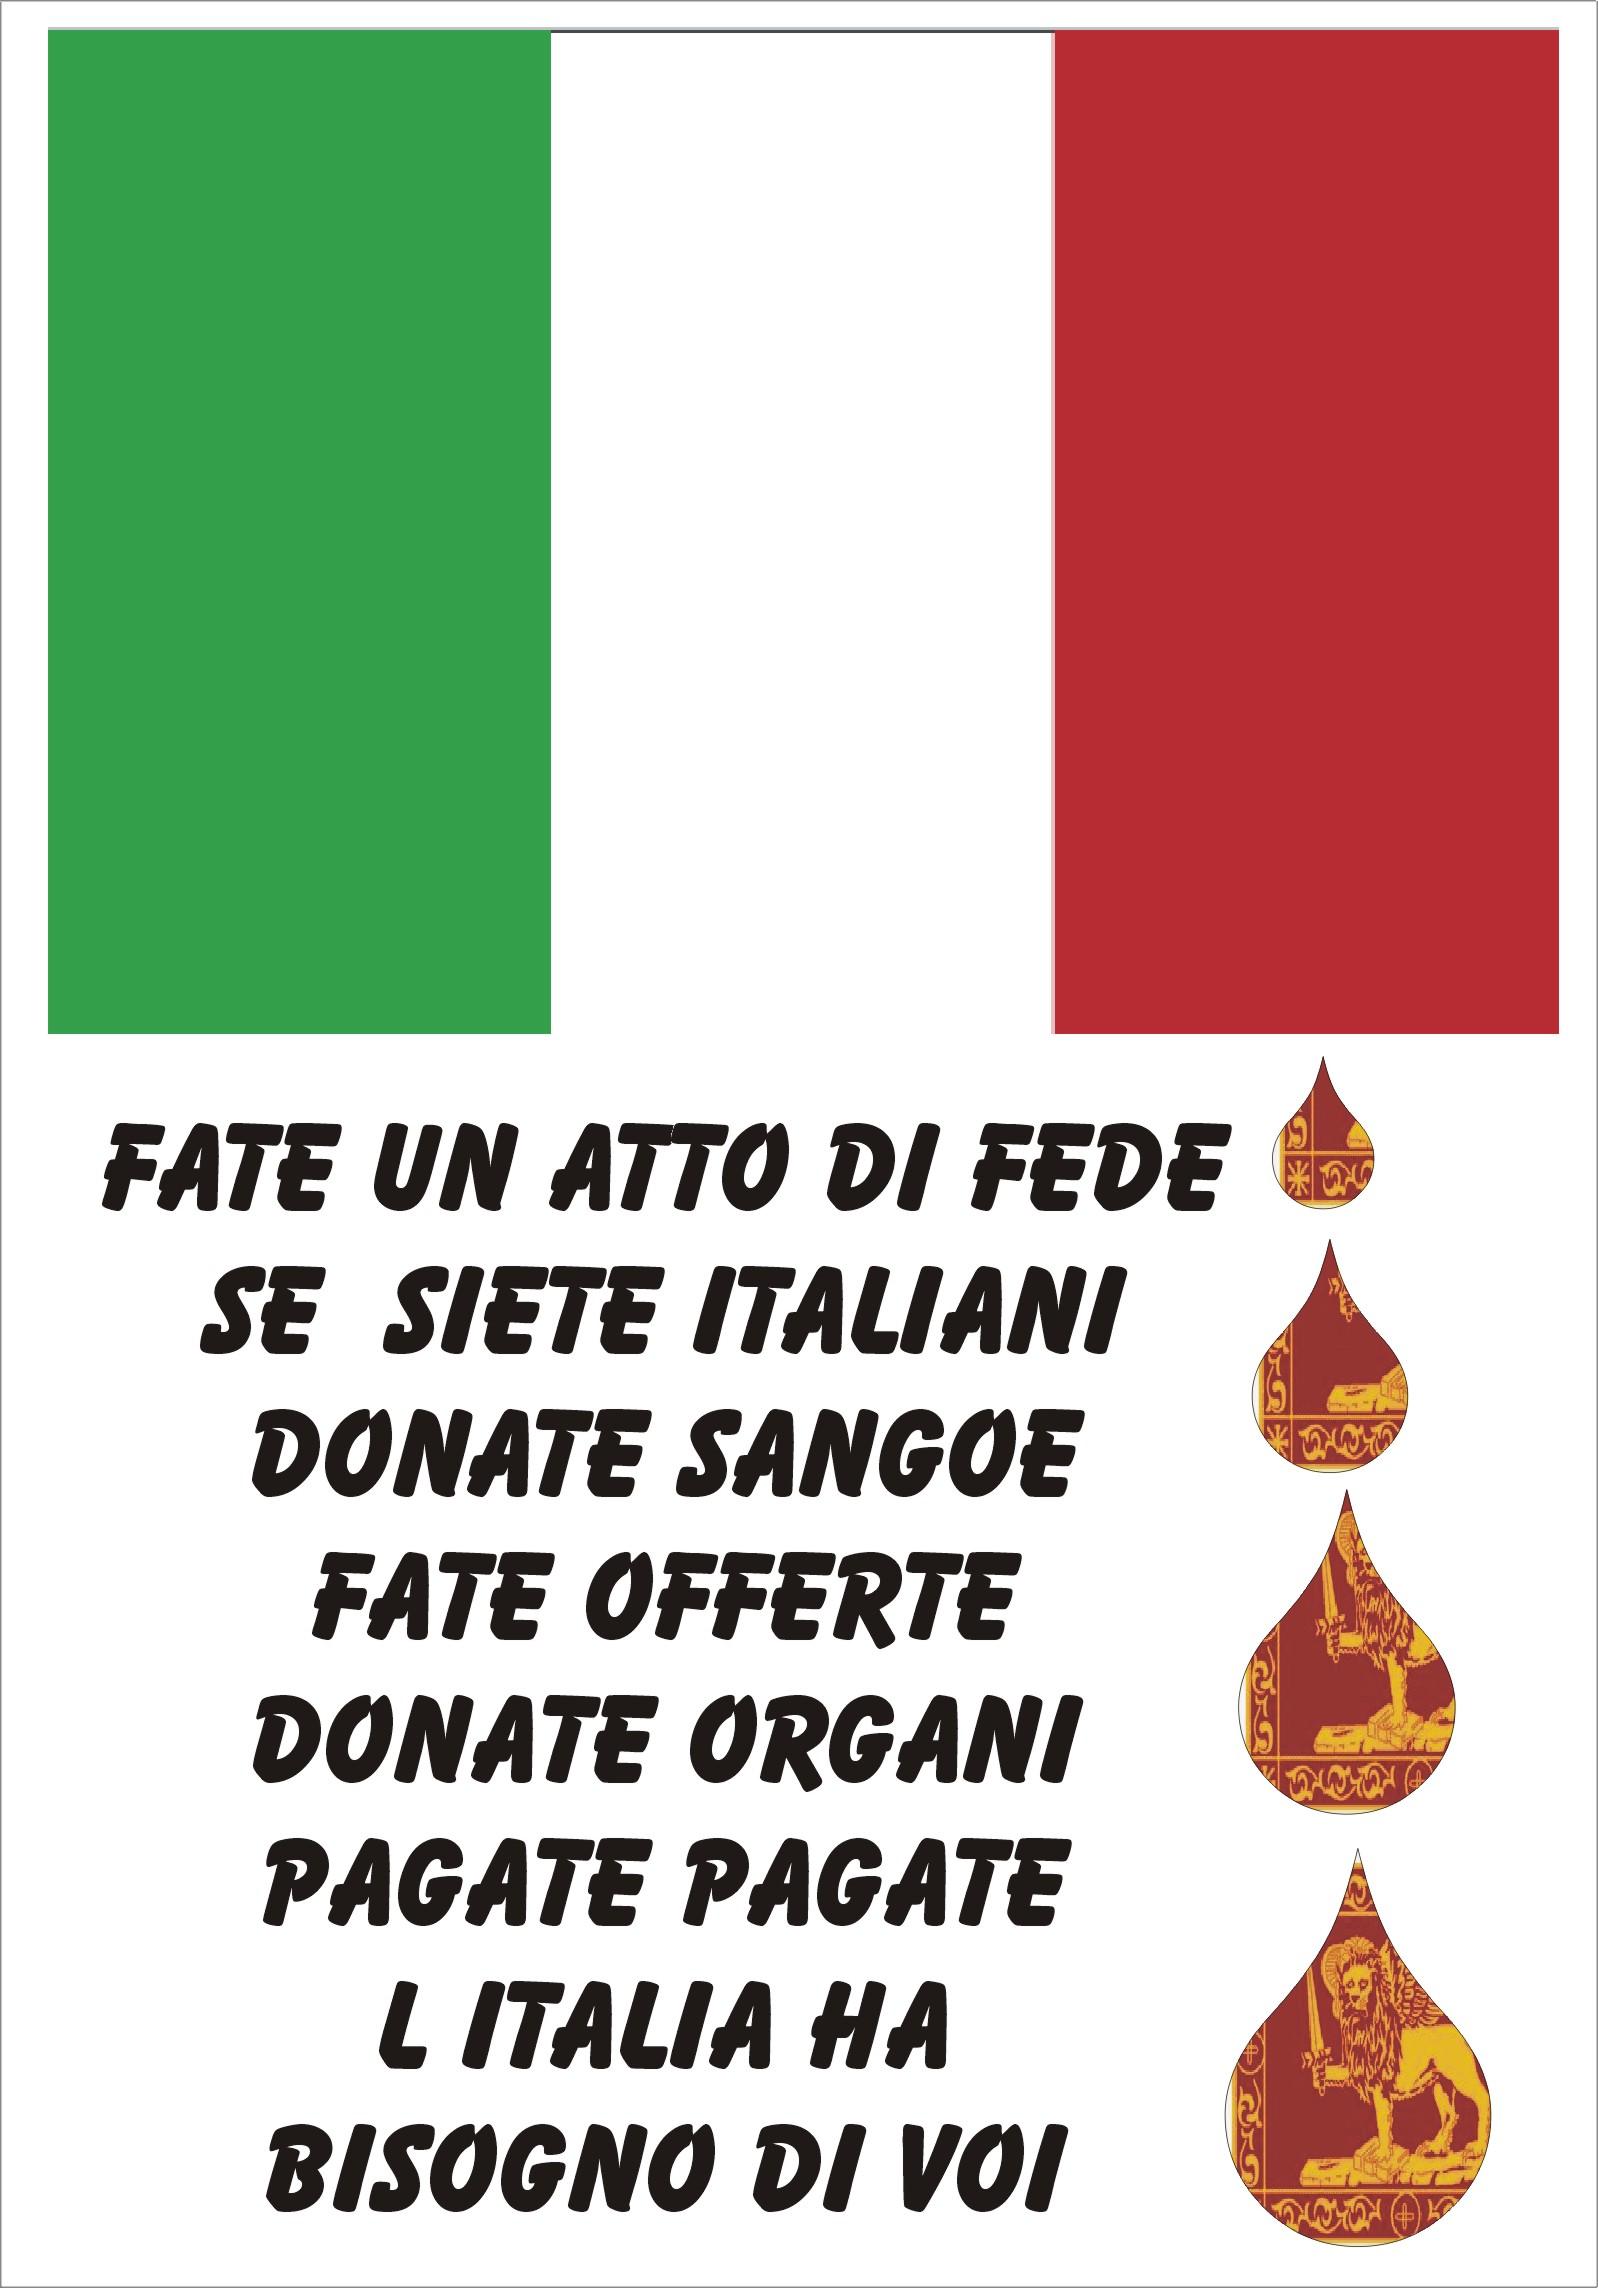 INDIPENDENZA PER NON PESARE SULLE SPALLE DELL'ITALIA